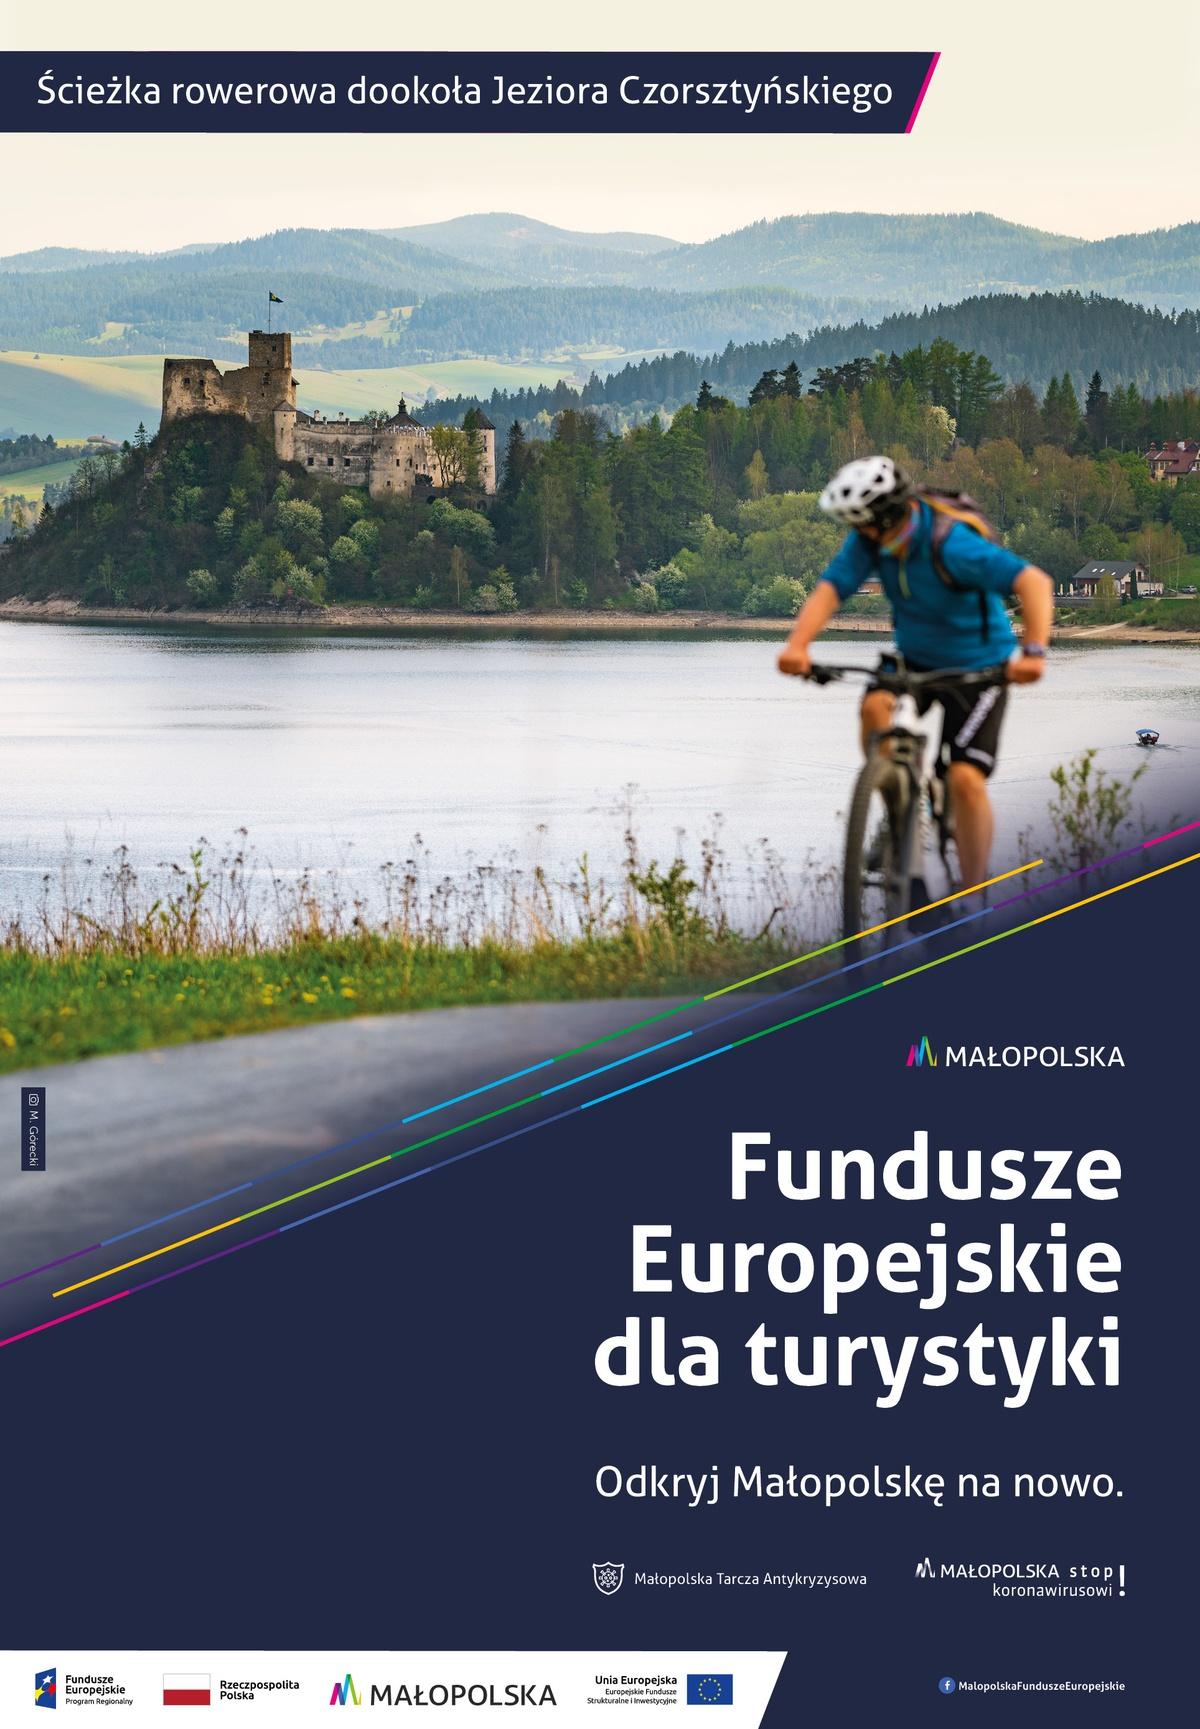 Grafika promująca trasę rowerową